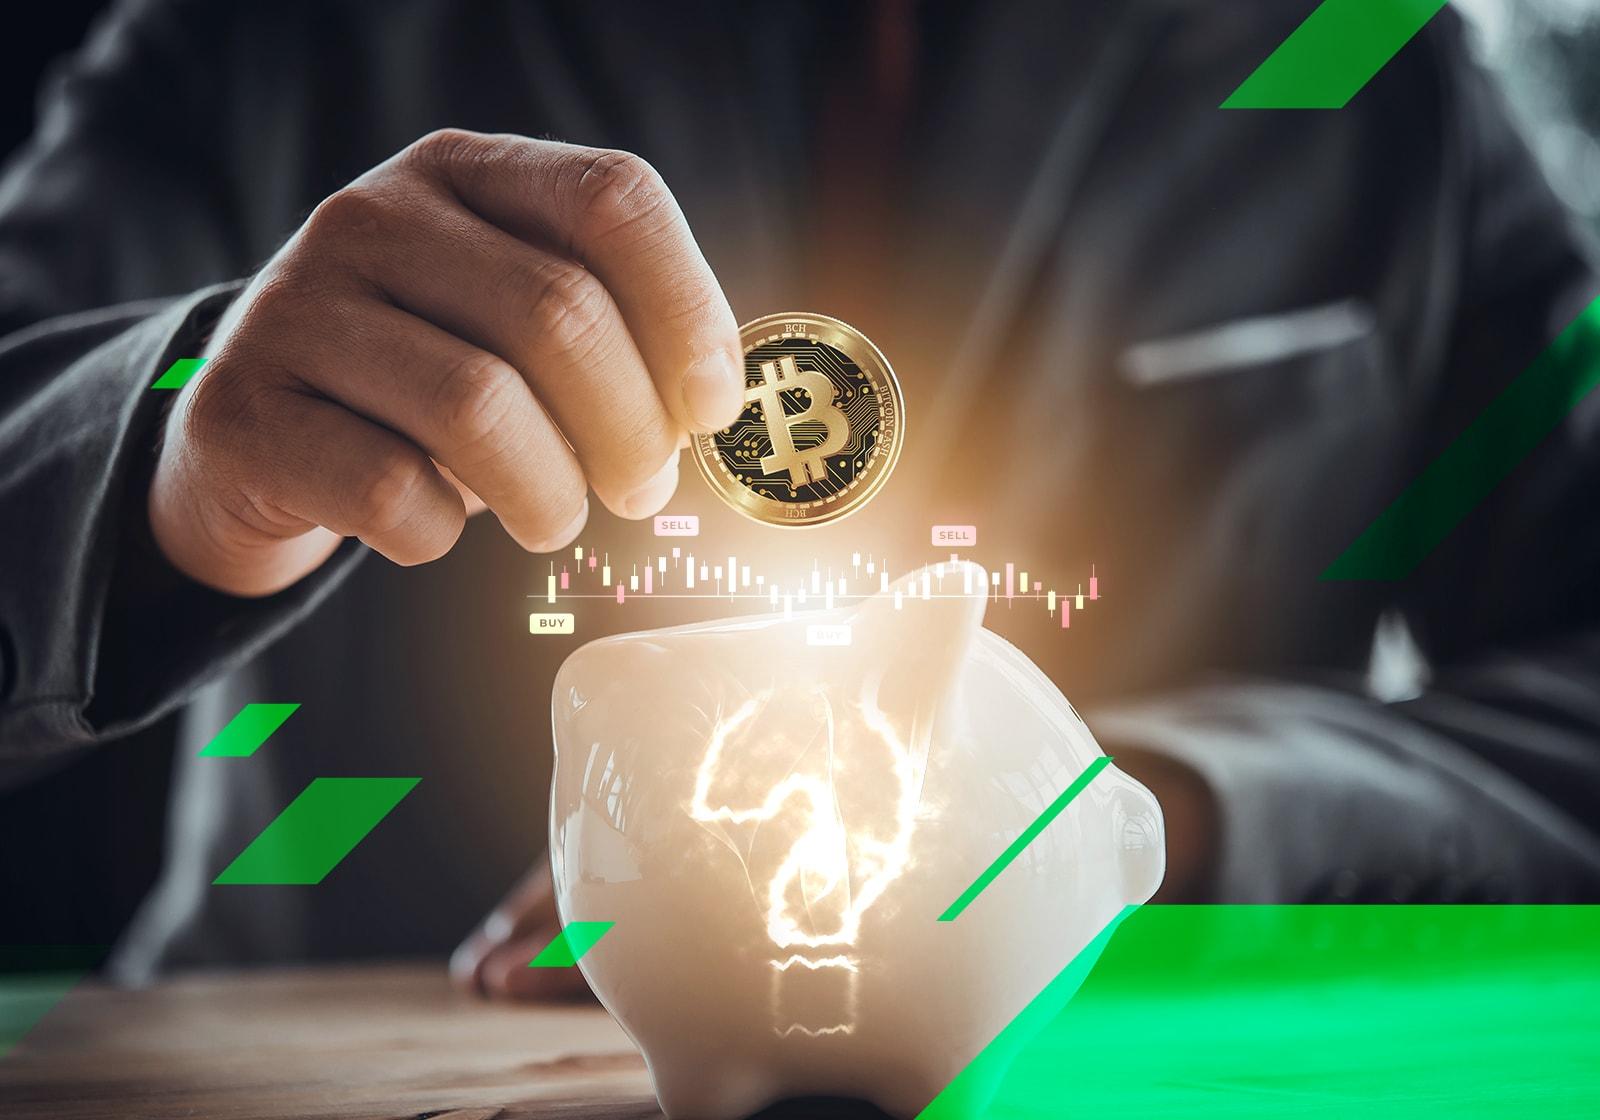 Análisis de Bitcoin Cash: ¿Se encuentra en buen estado de salud para seguir subiendo?